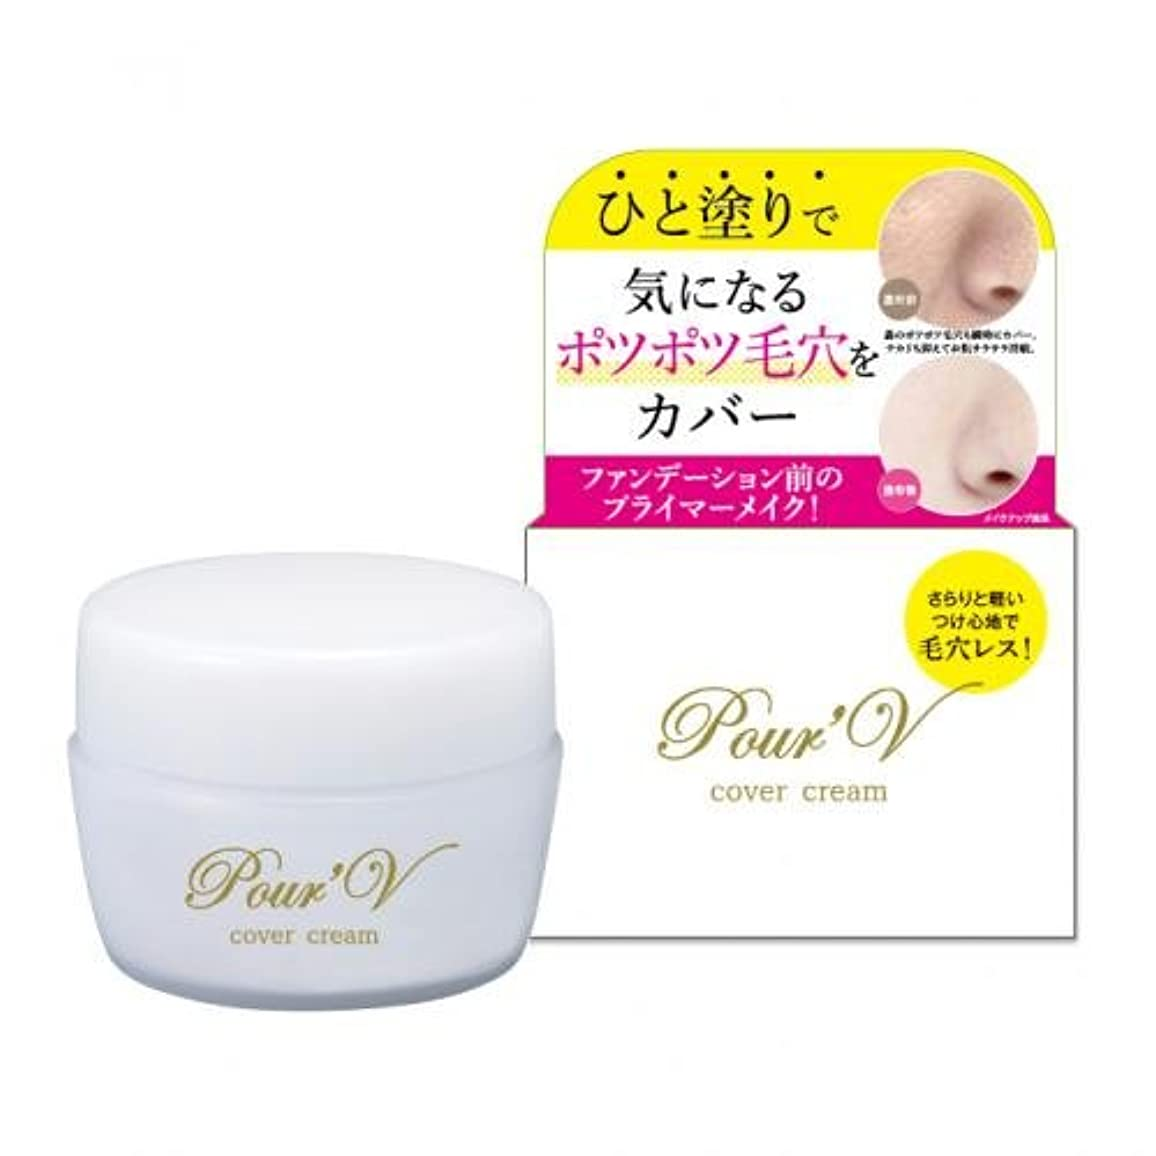 牽引重荷バンドPour'V プレヴ cover cream